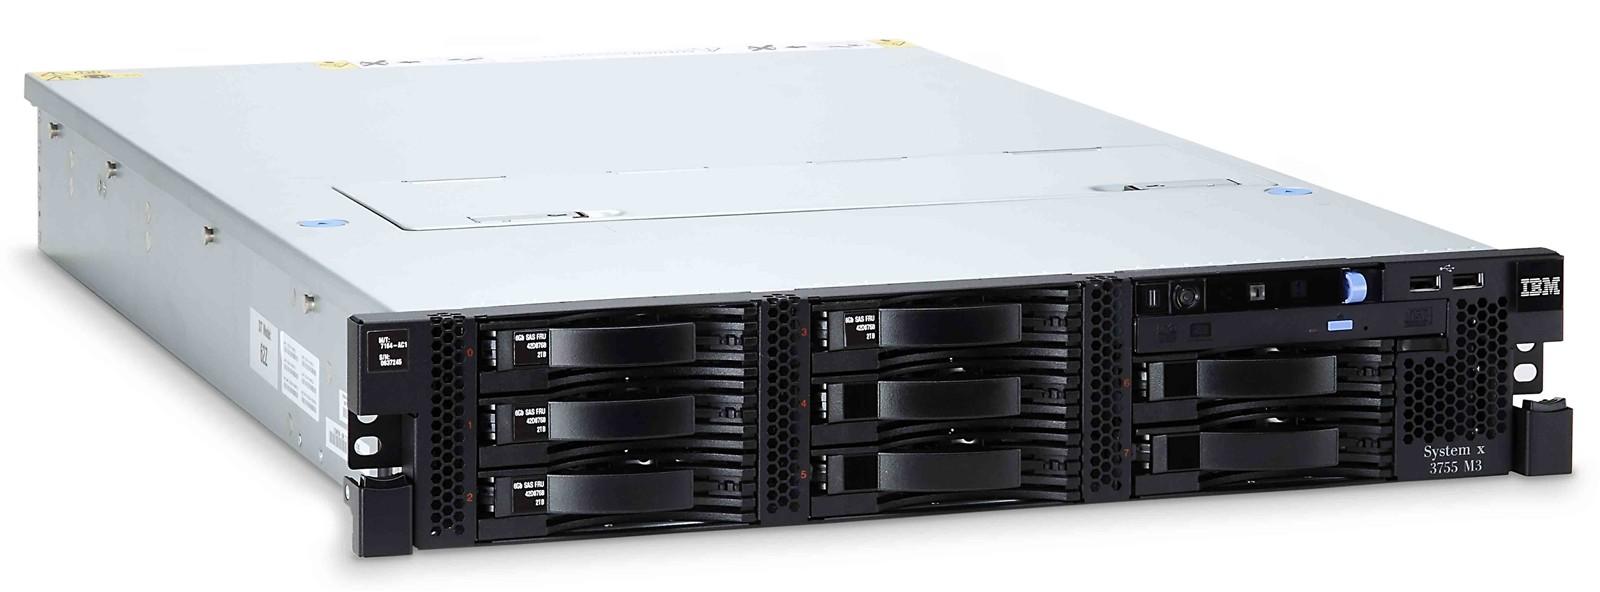 【新品/取寄品/代引不可】System x3755 M3/Opte-6282SE(16) 2.60GHz×4/PC3L-10600 32.0GB(4.0×8)(Chipkill)/RAID-M5015/POW(1100W×2)/OSなし/3年保証24x